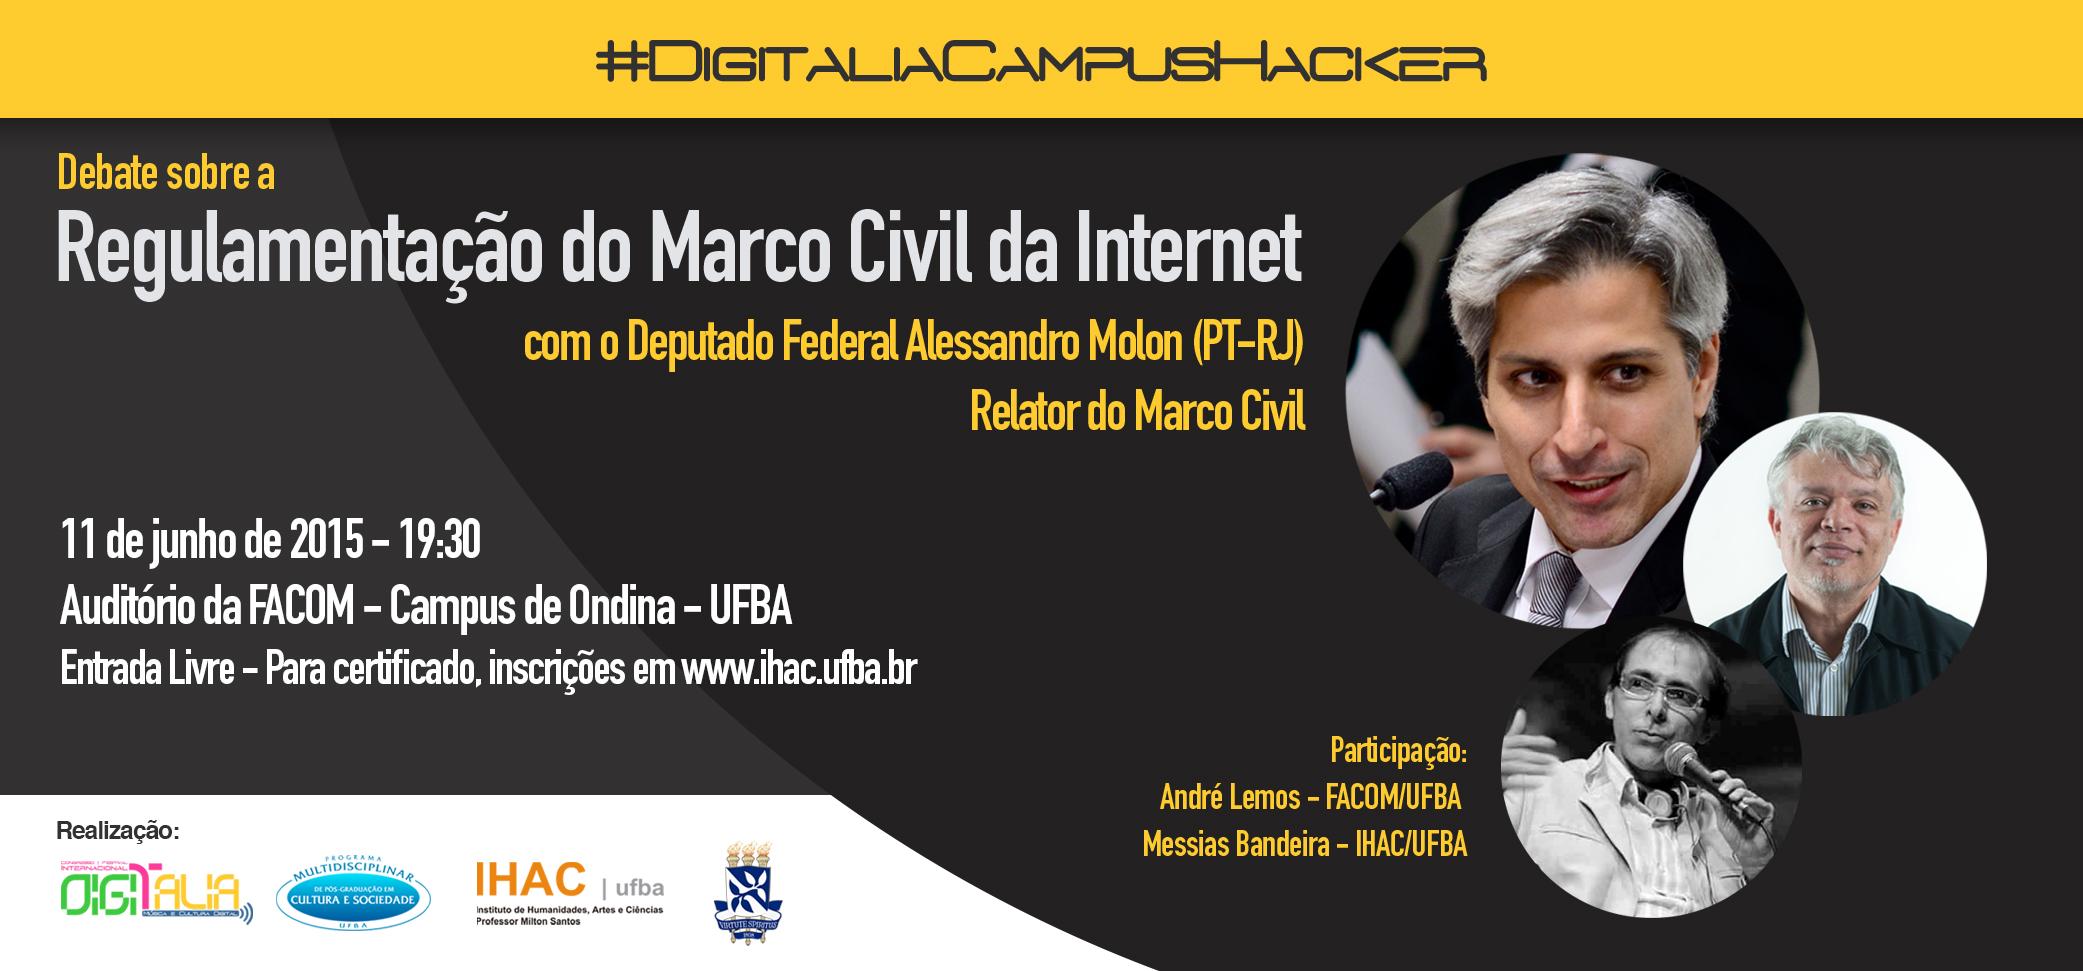 Debate sobre a Regulamentação do Marco Civil da Internet – Inscreva-se!